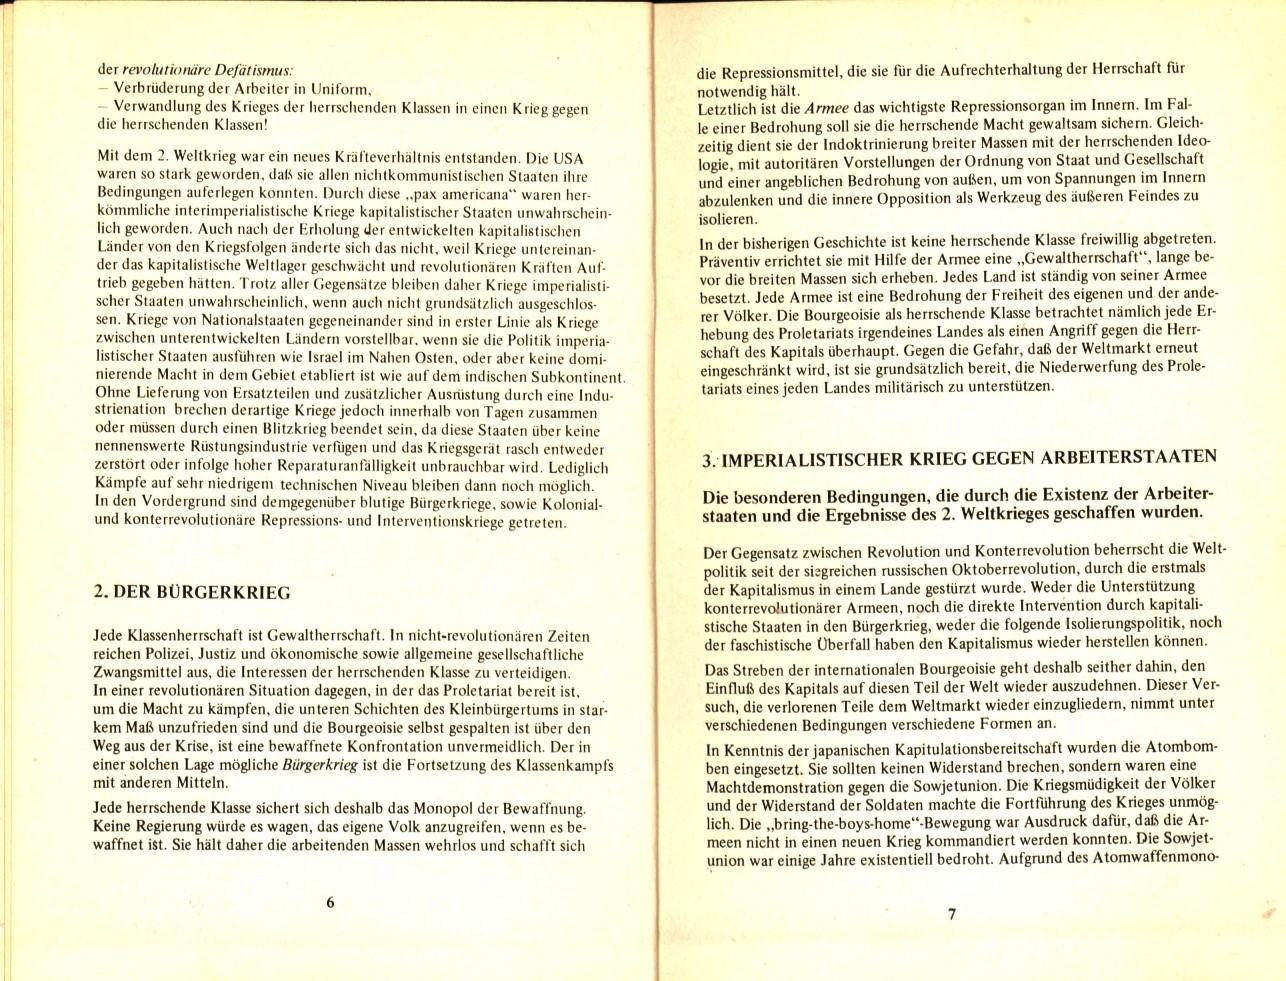 GIM_1976_Militaerpolitisches_Programm_05